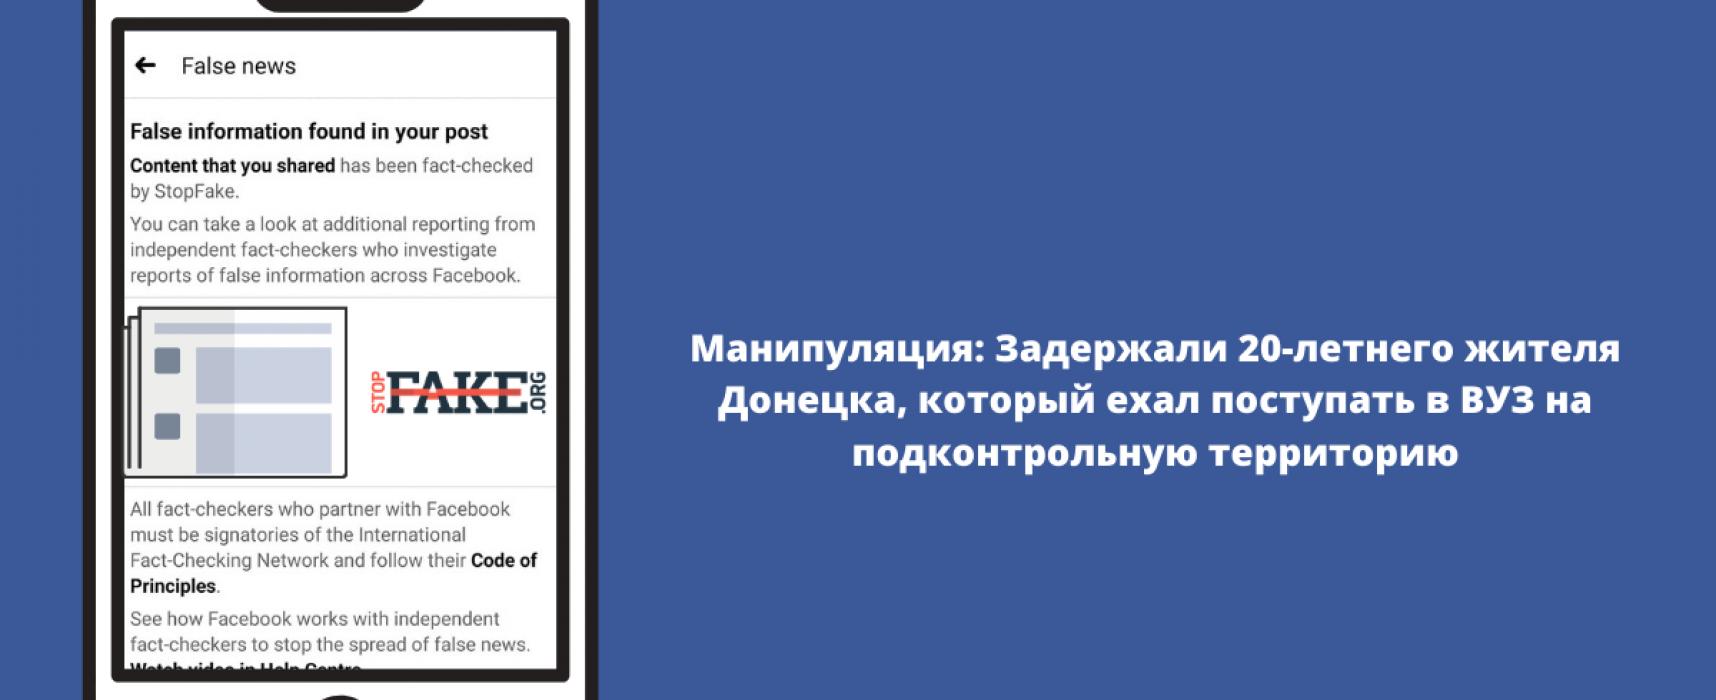 Маніпуляція: Затримали 20-річного мешканця Донецька, який їхав вступати до ВНЗ на підконтрольну територію